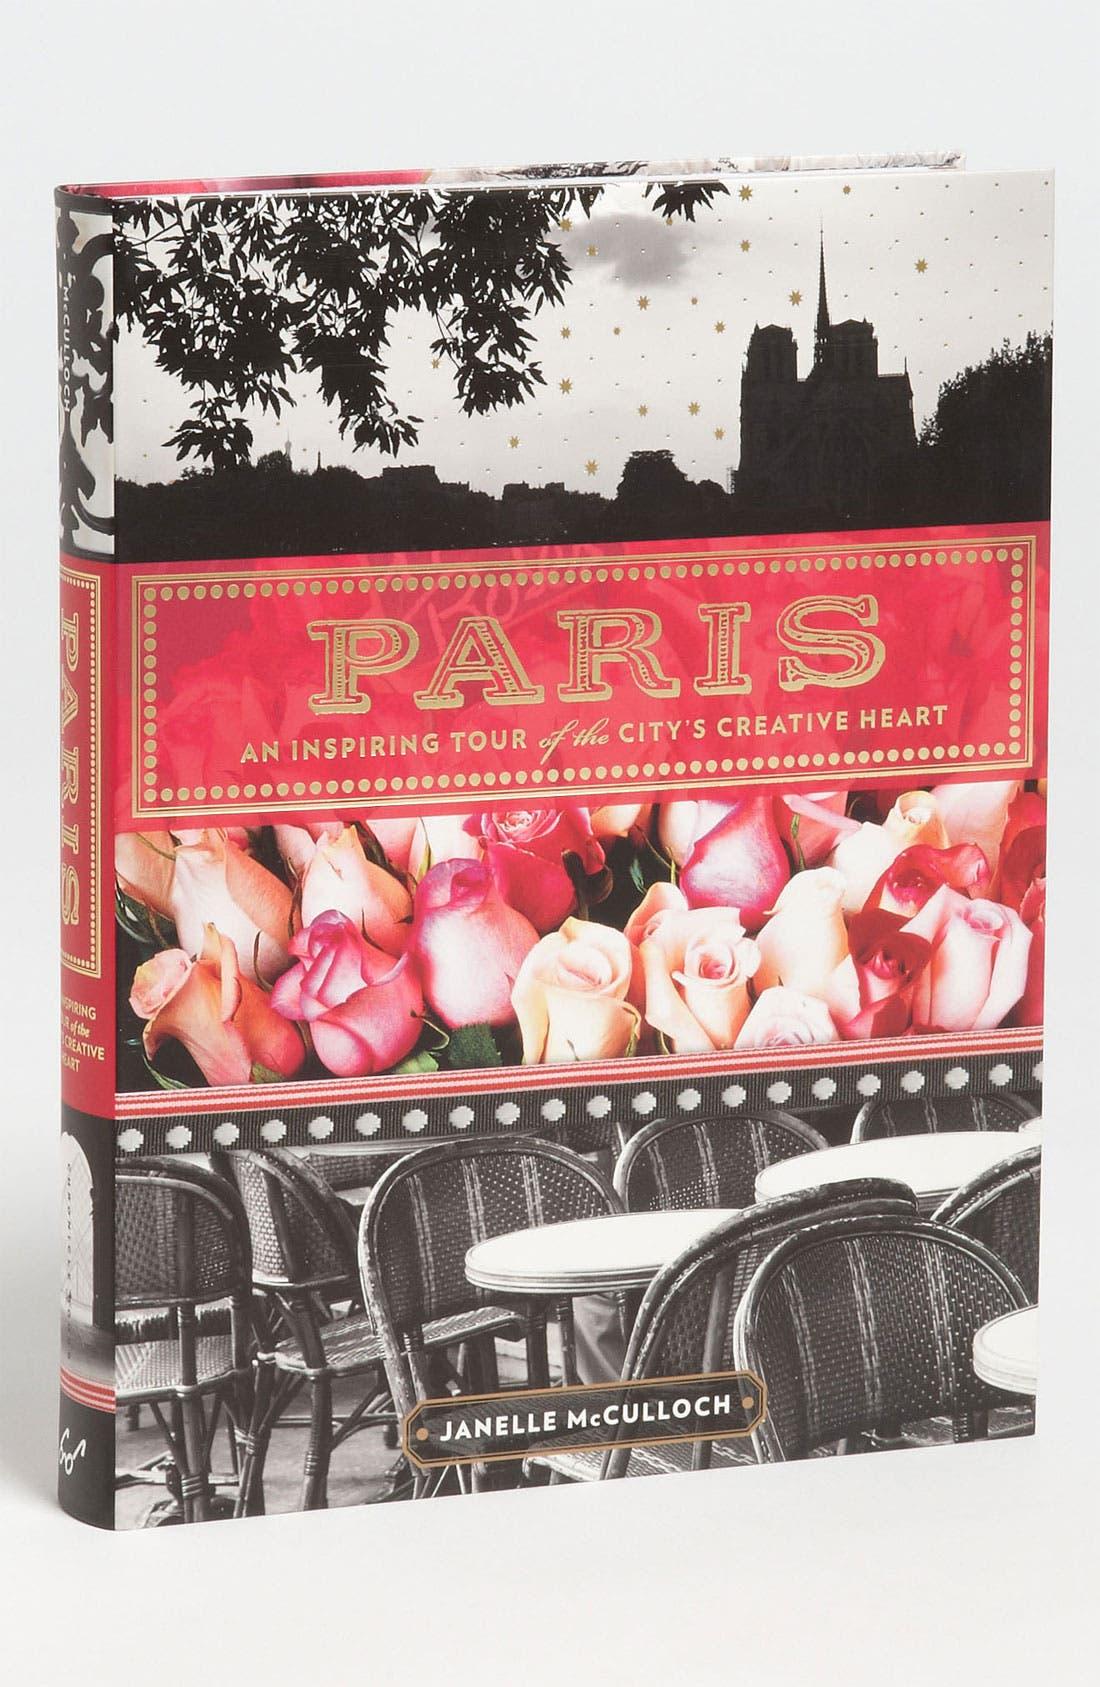 Main Image - 'Paris: An Inspiring Tour of the City's Creative Heart'